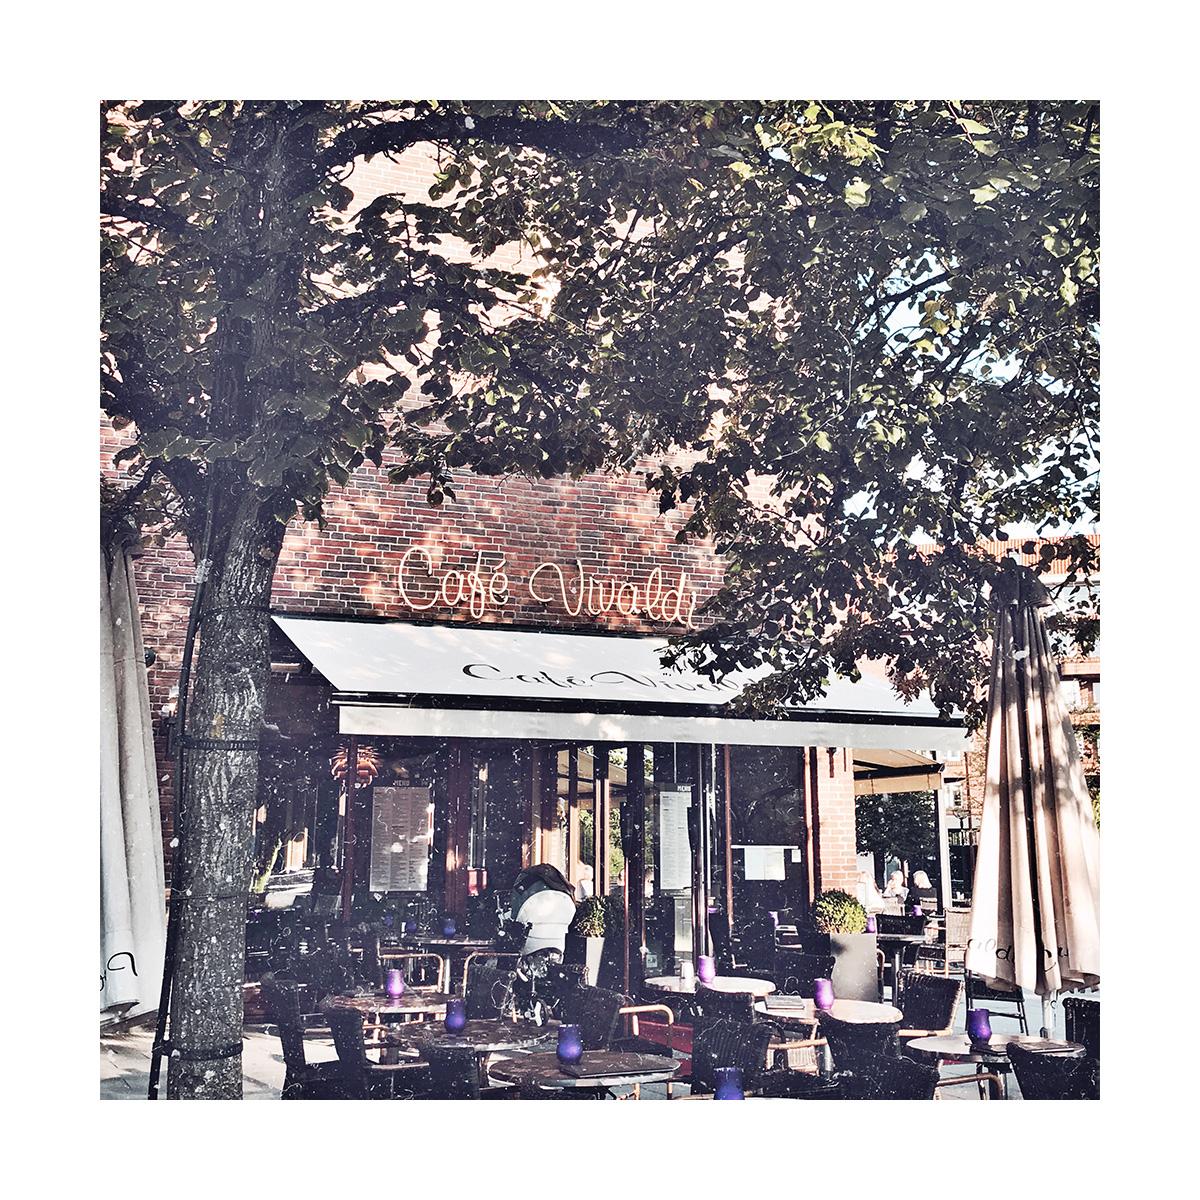 Cafe Vivaldi Vejle